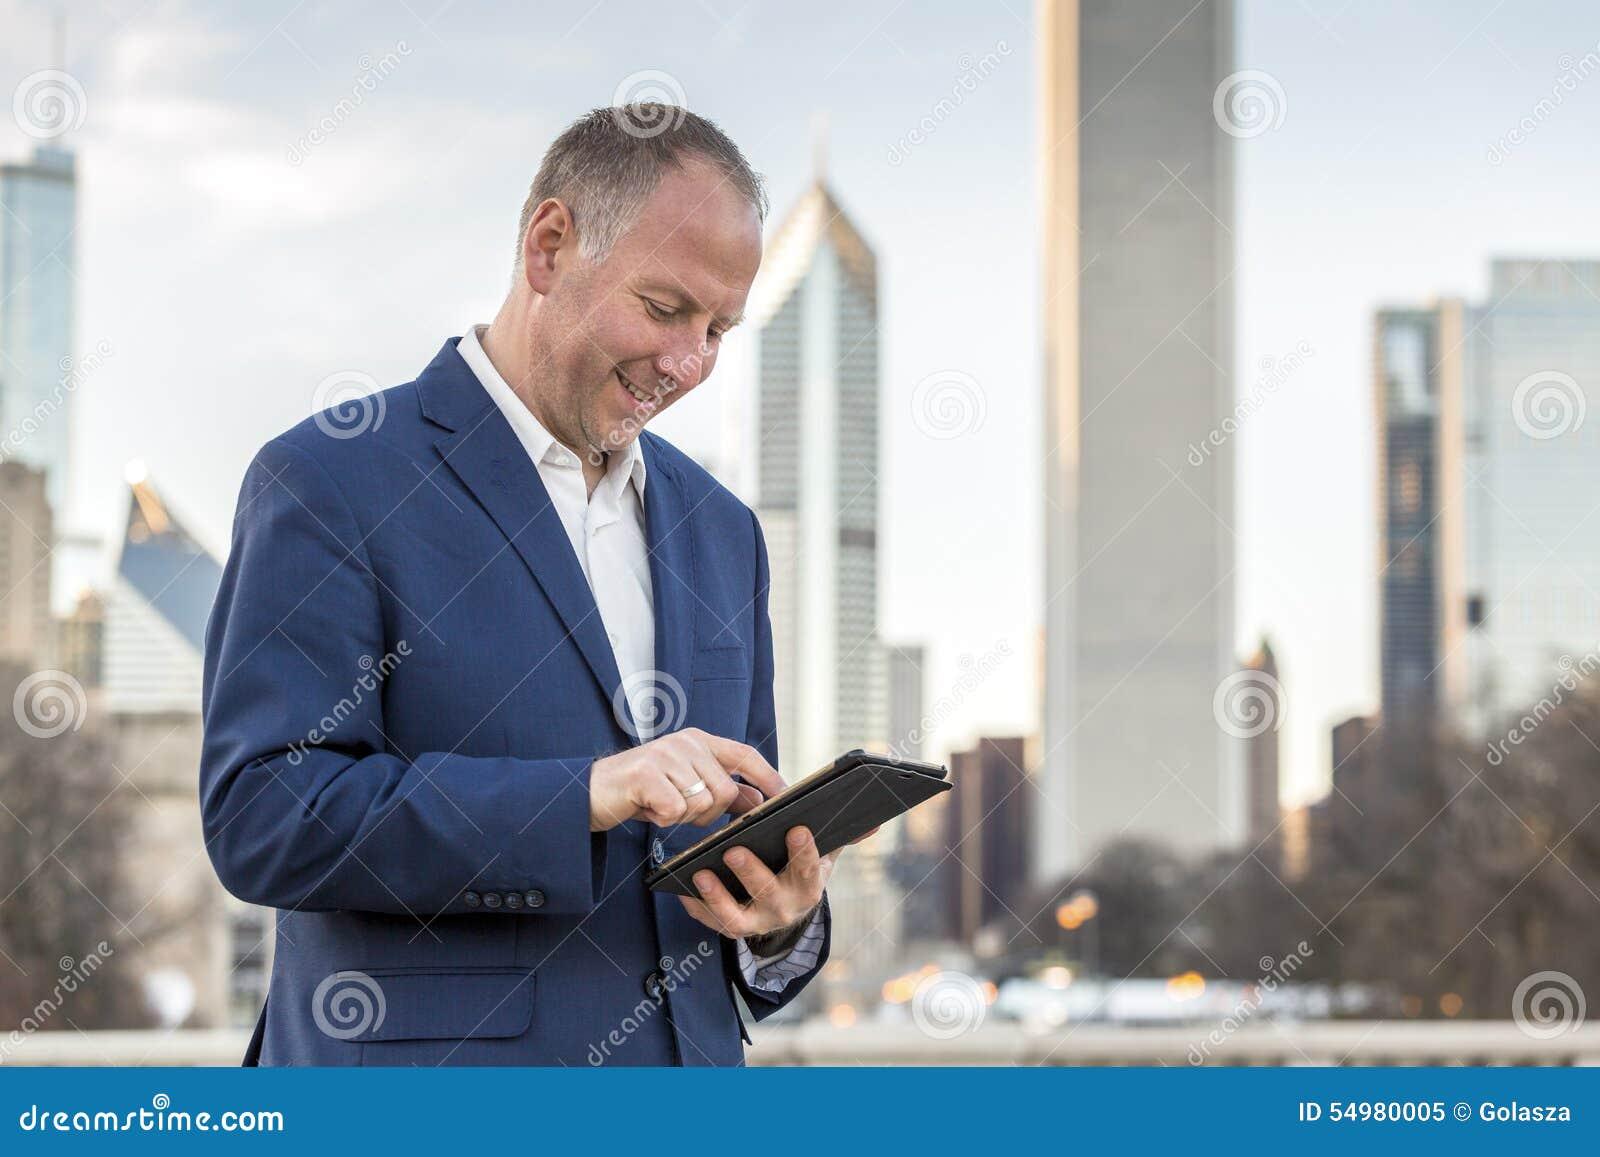 Hombre de negocios con la tableta delante de los edificios de oficinas